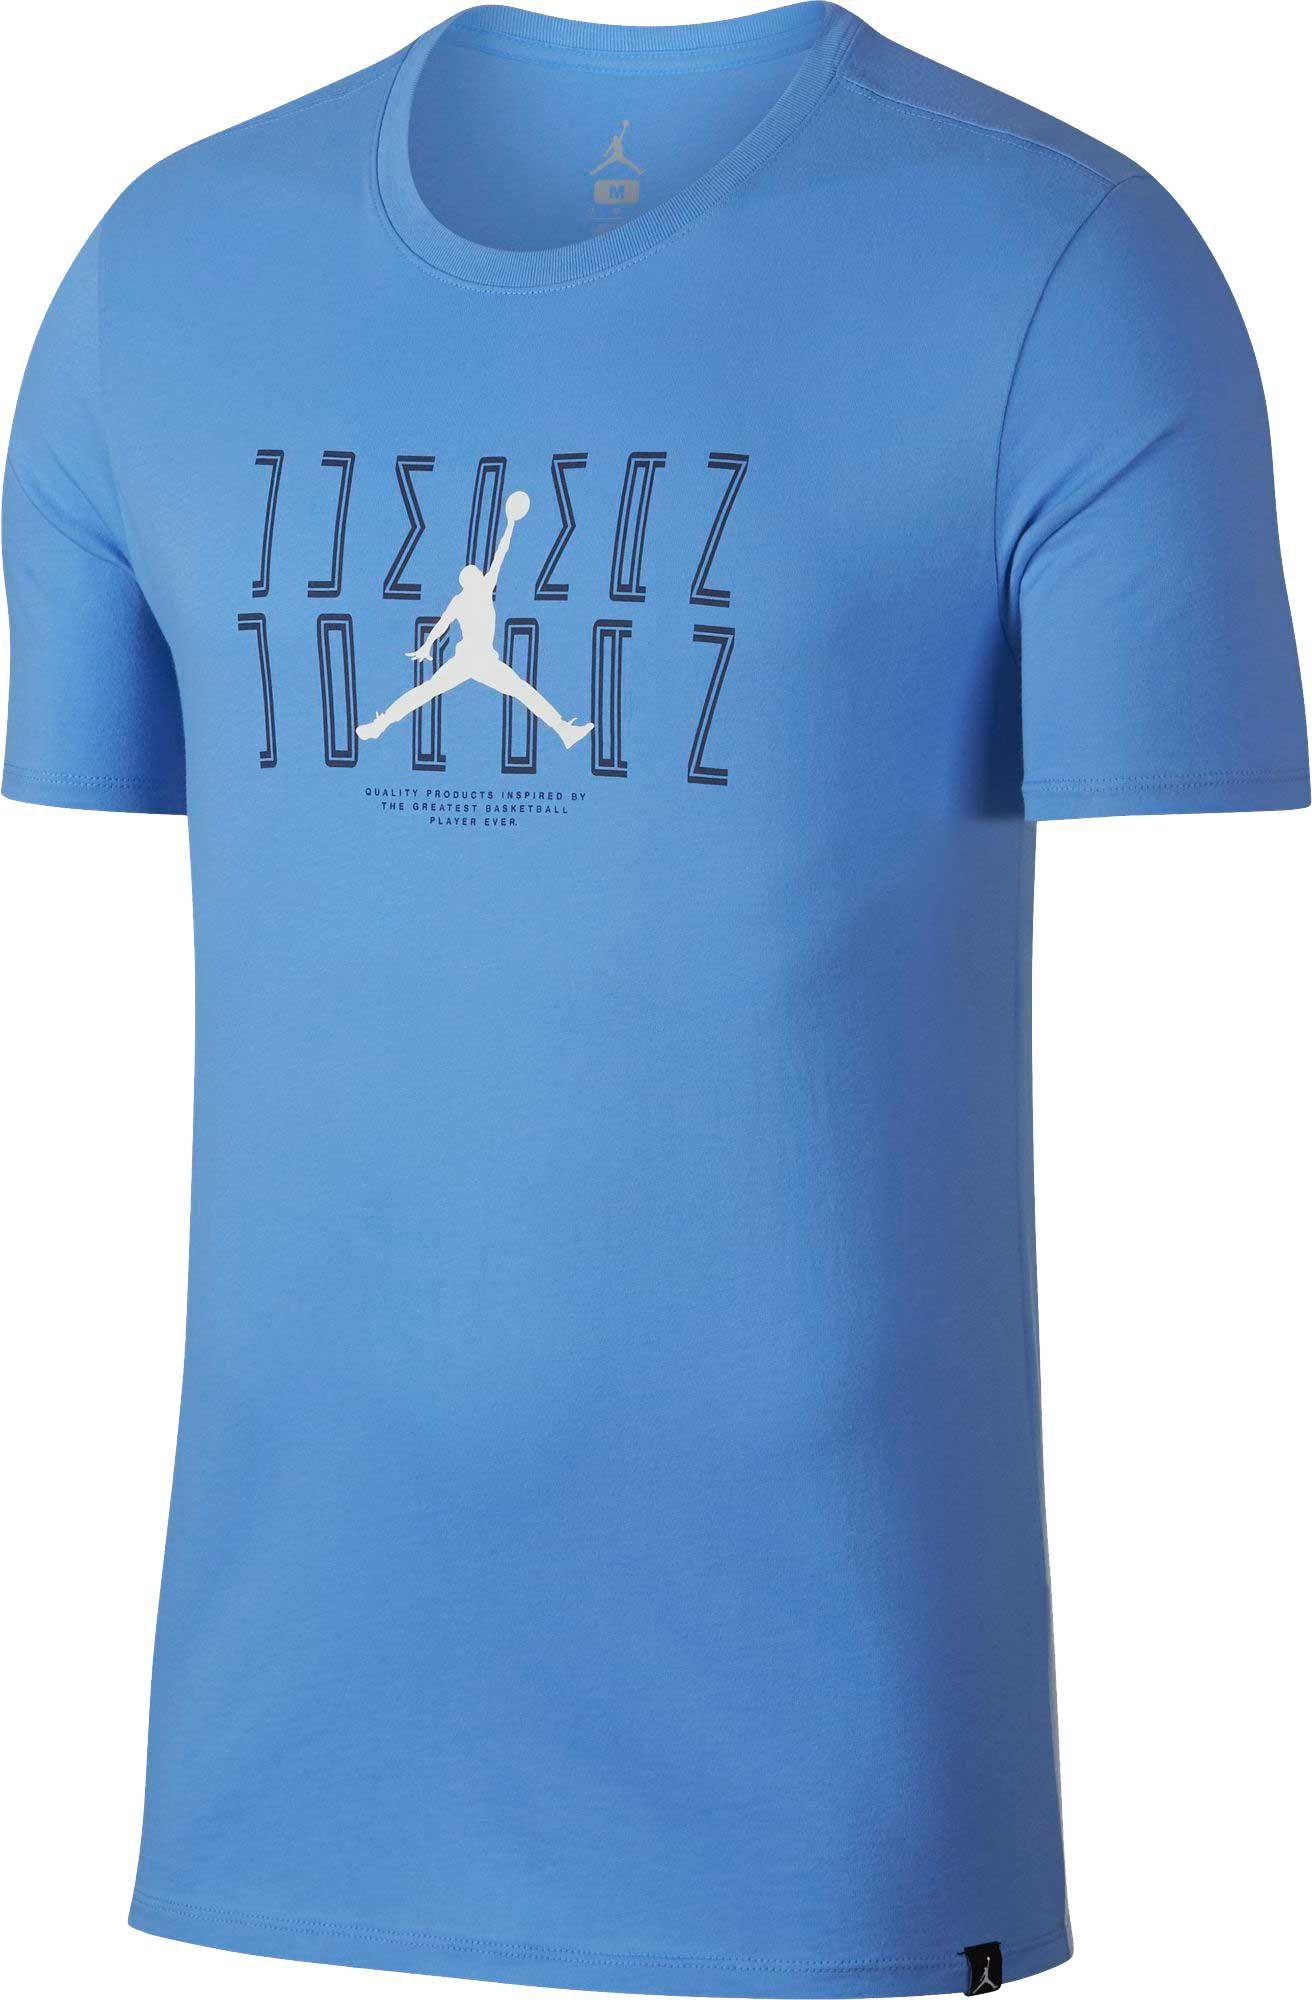 5d95e7e023bdf7 Jordan Men s Sportswear AJ 11 Graphic T-Shirt